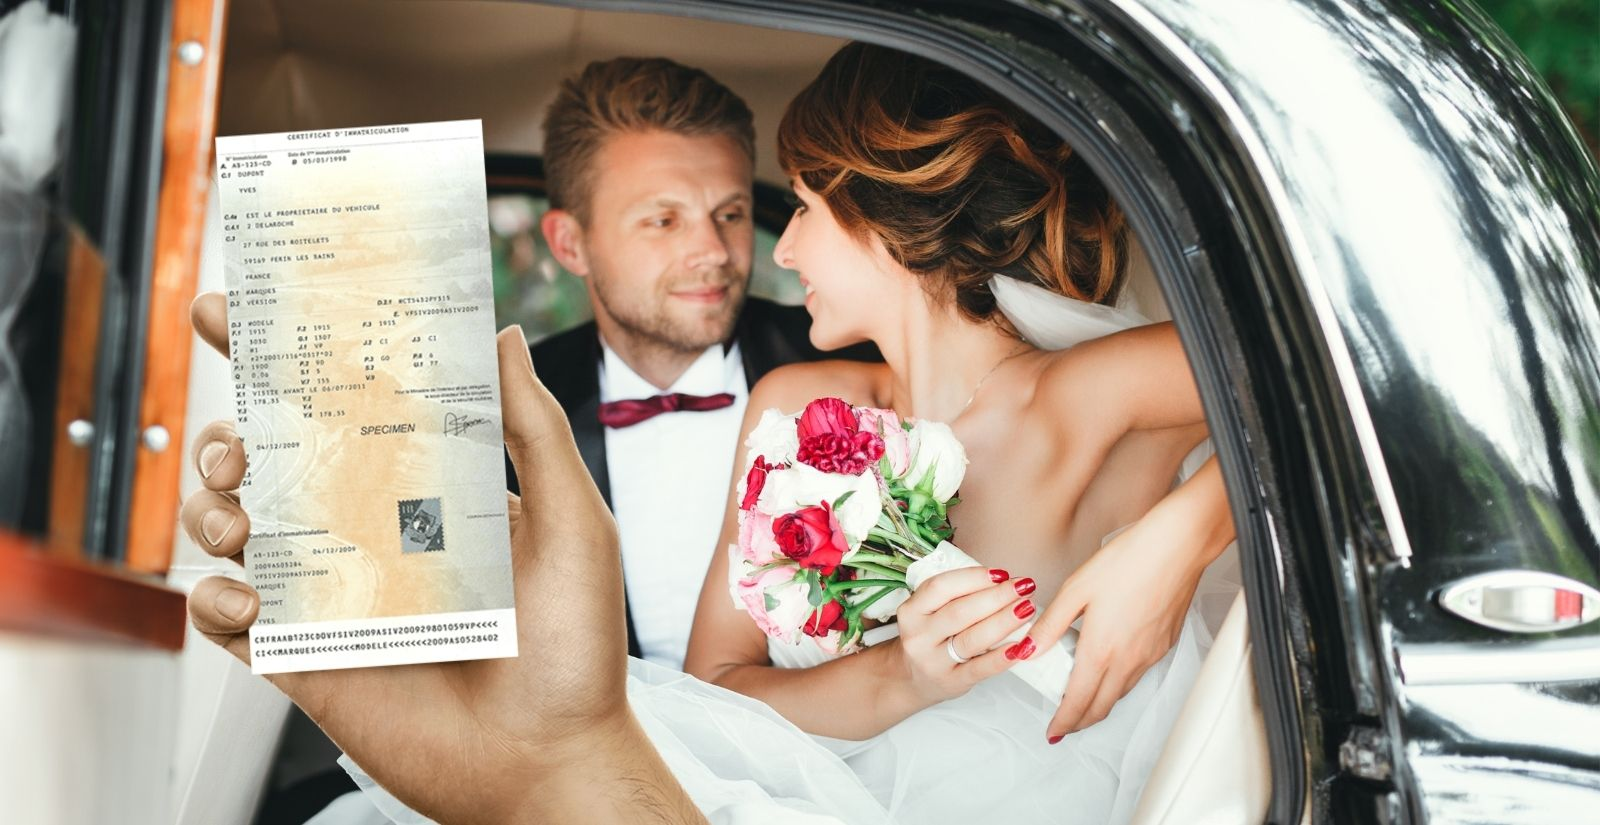 Changement titulaire / nom carte grise suite à un mariage